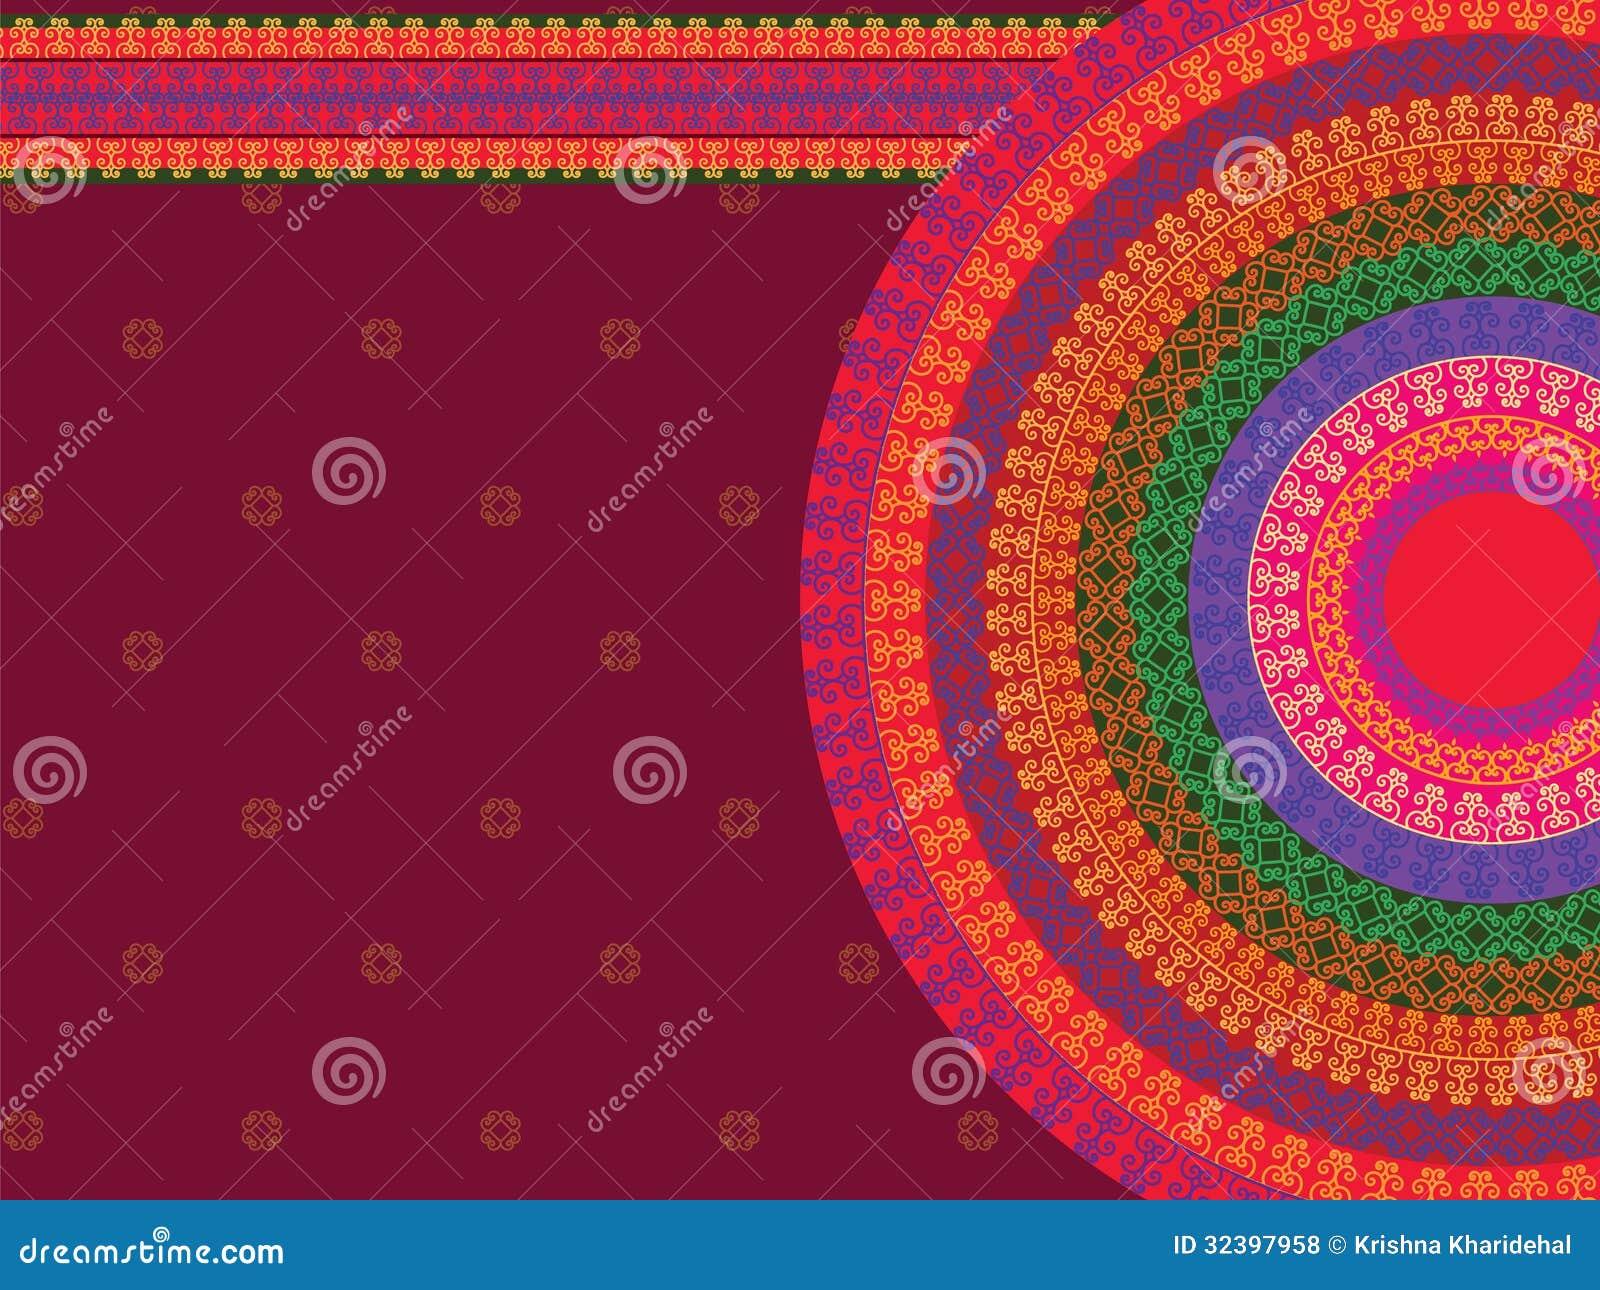 Colour Henna Mandala Background Royalty Free Stock Photos  Image 32397958